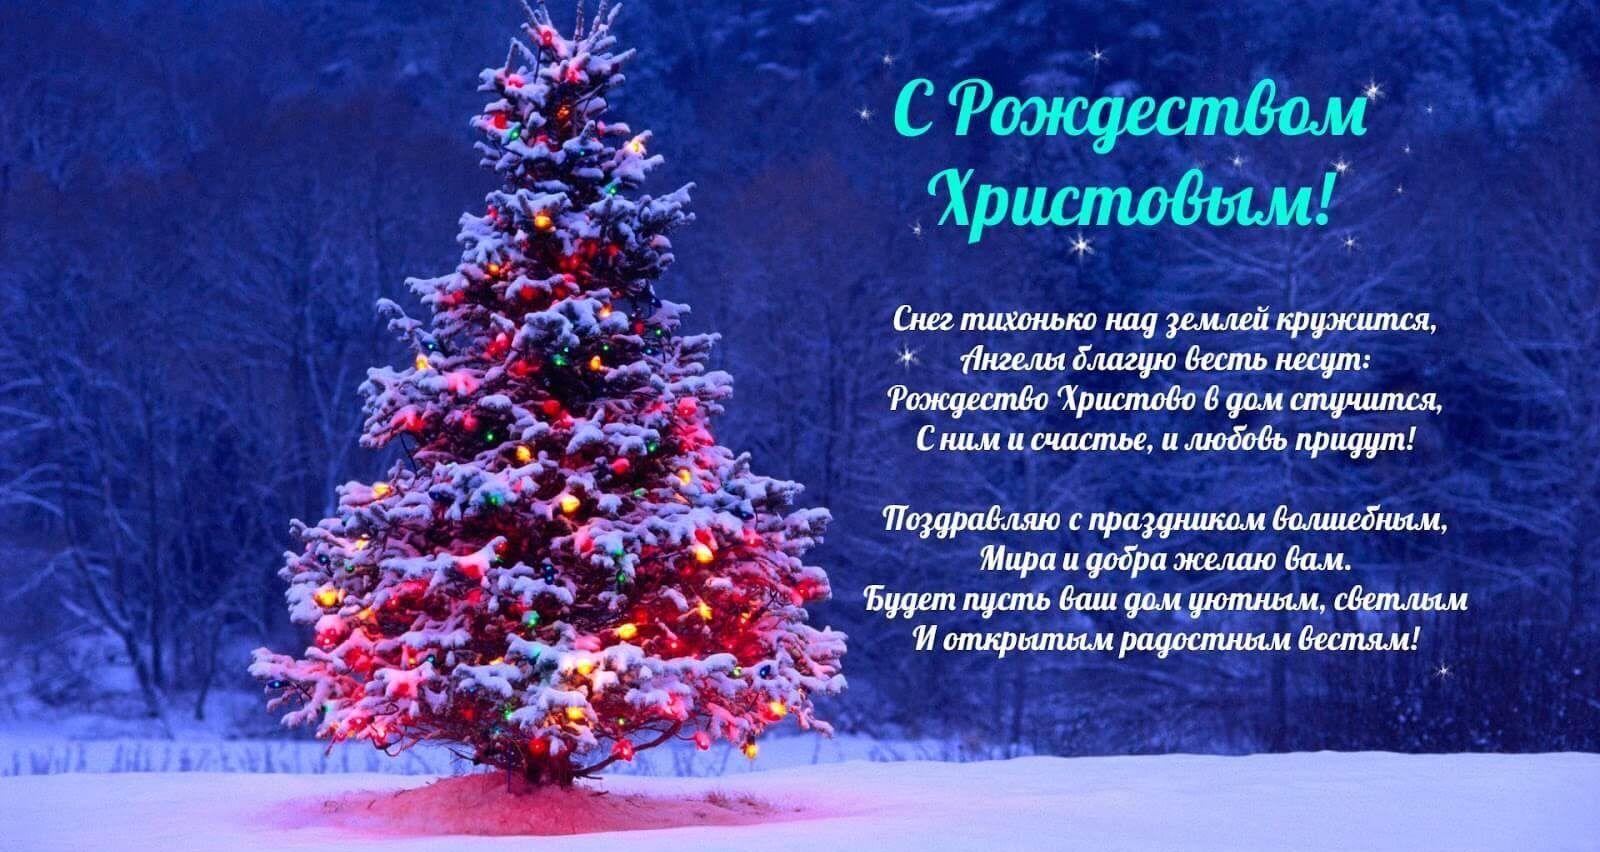 Побажання в Різдво Христове